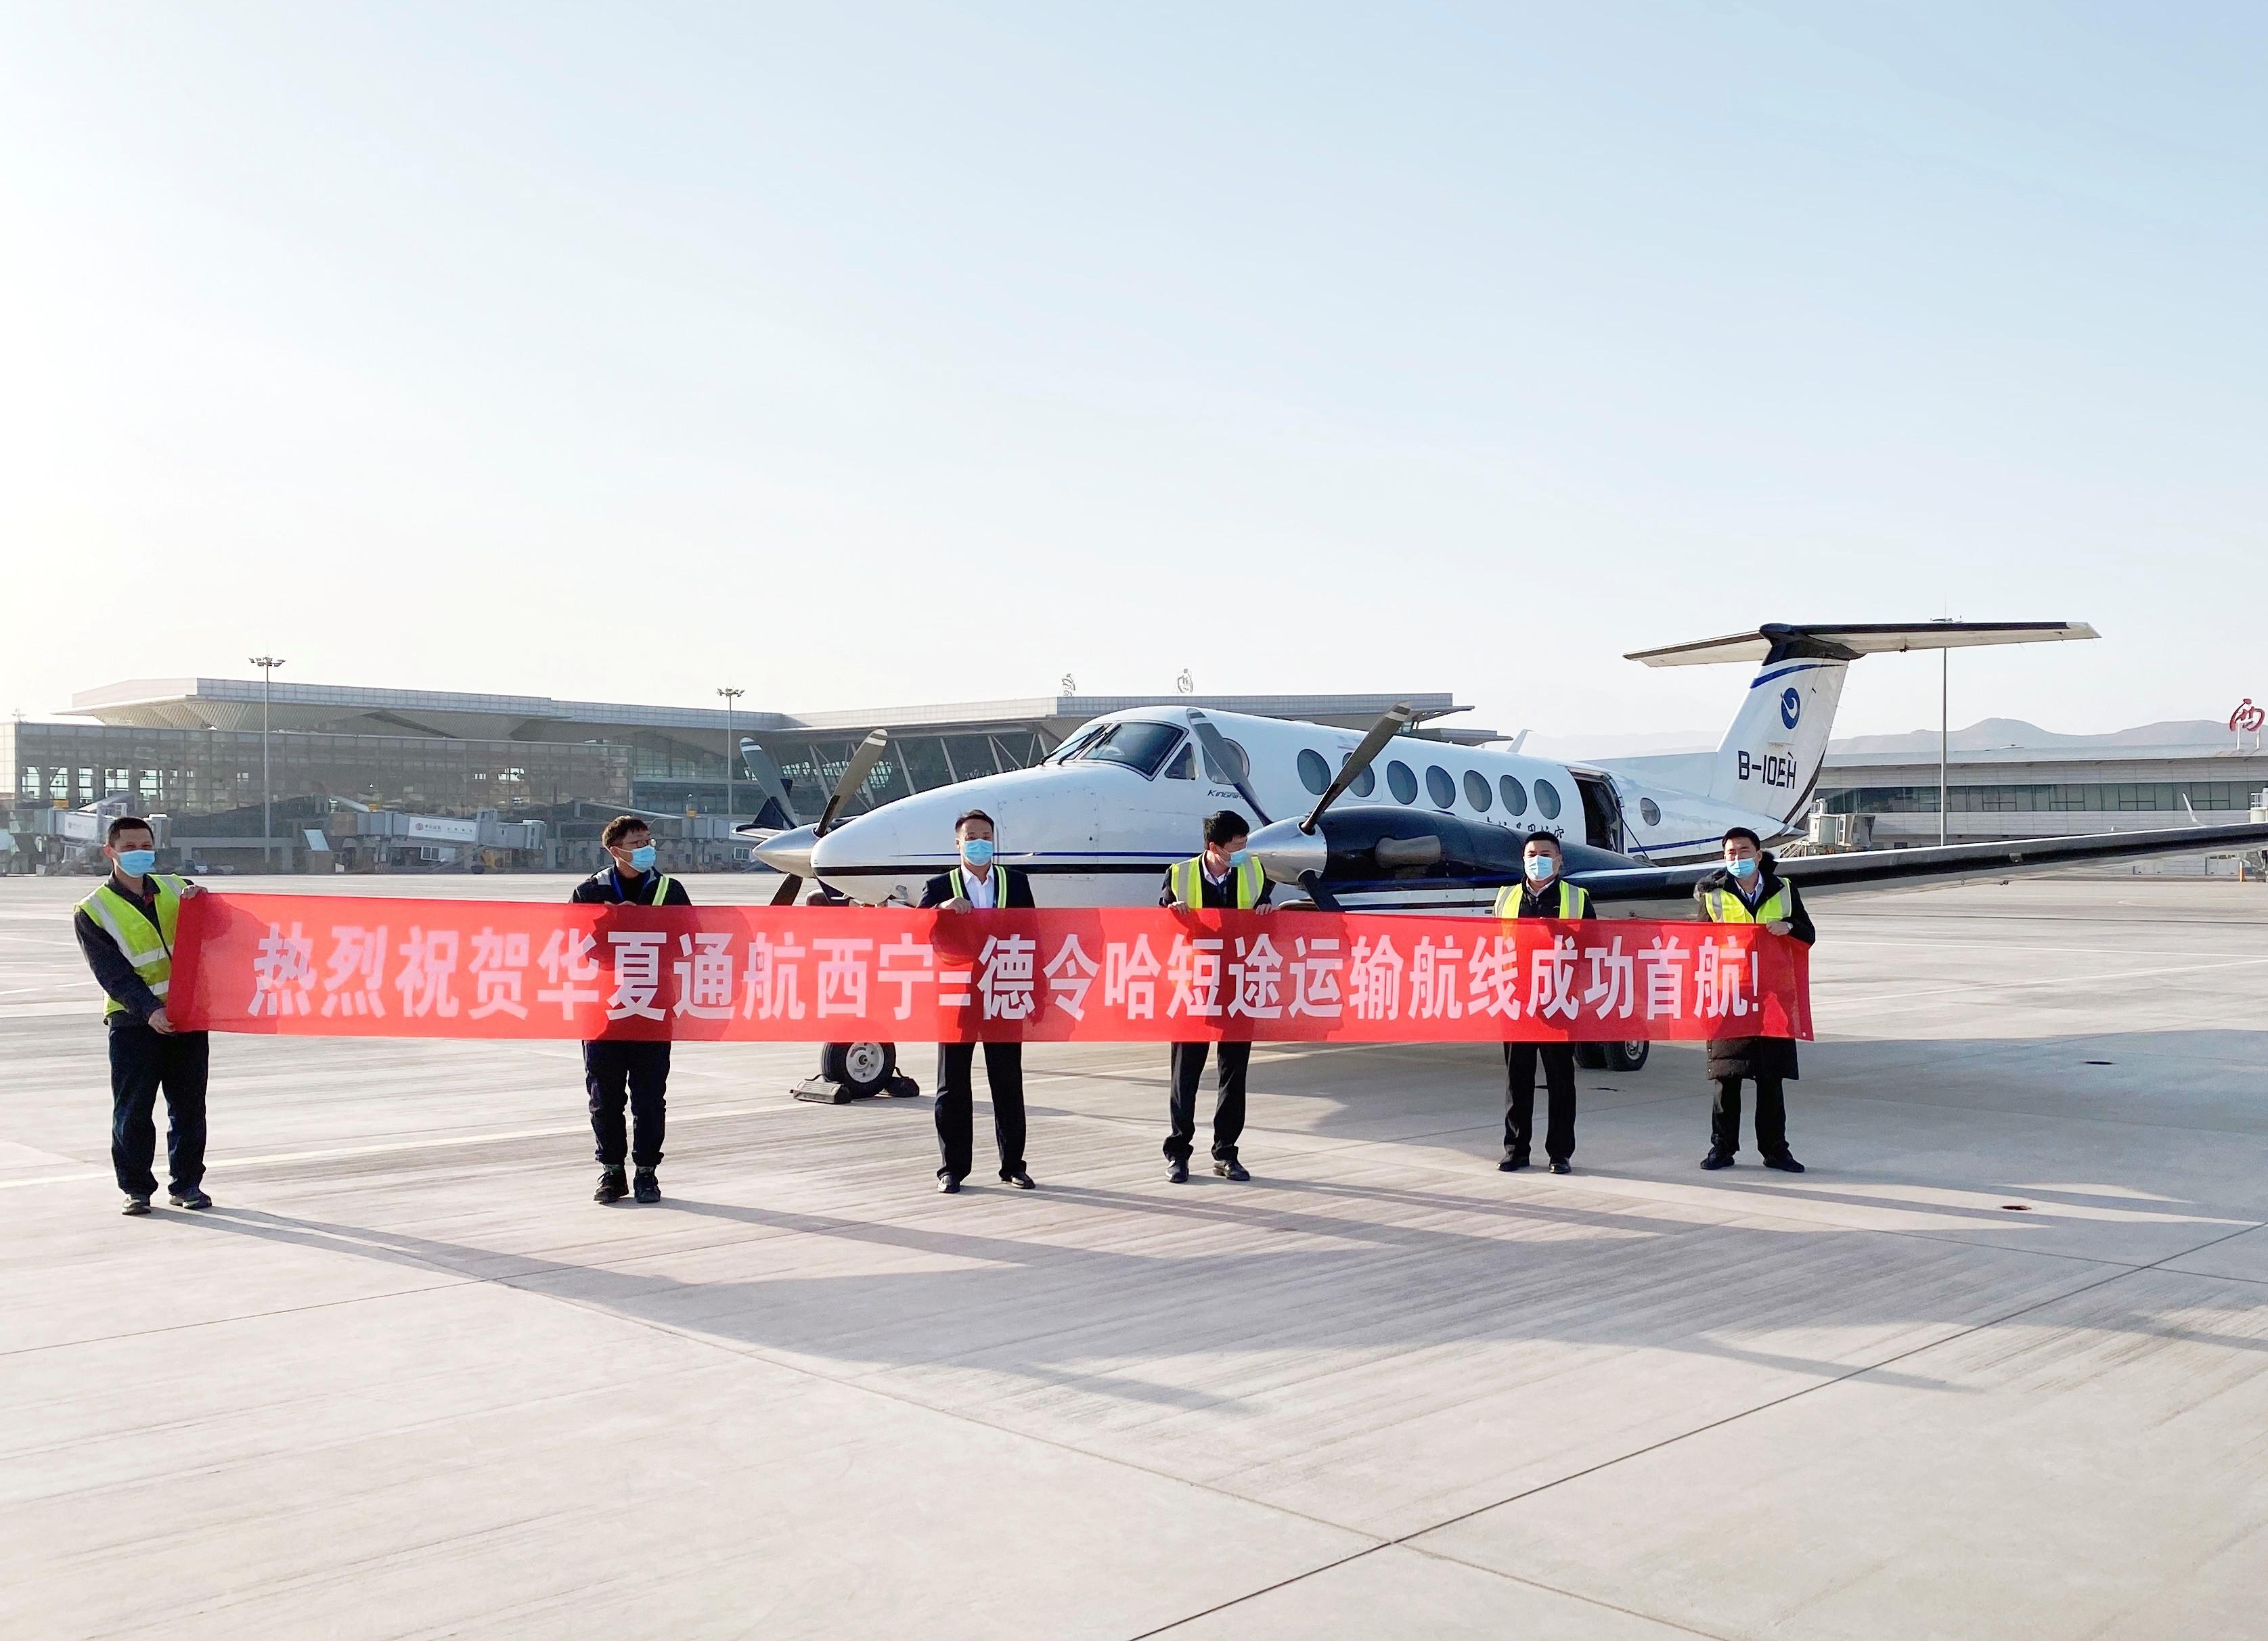 德令哈=西宁短途运输航线24日首航,客座率100%